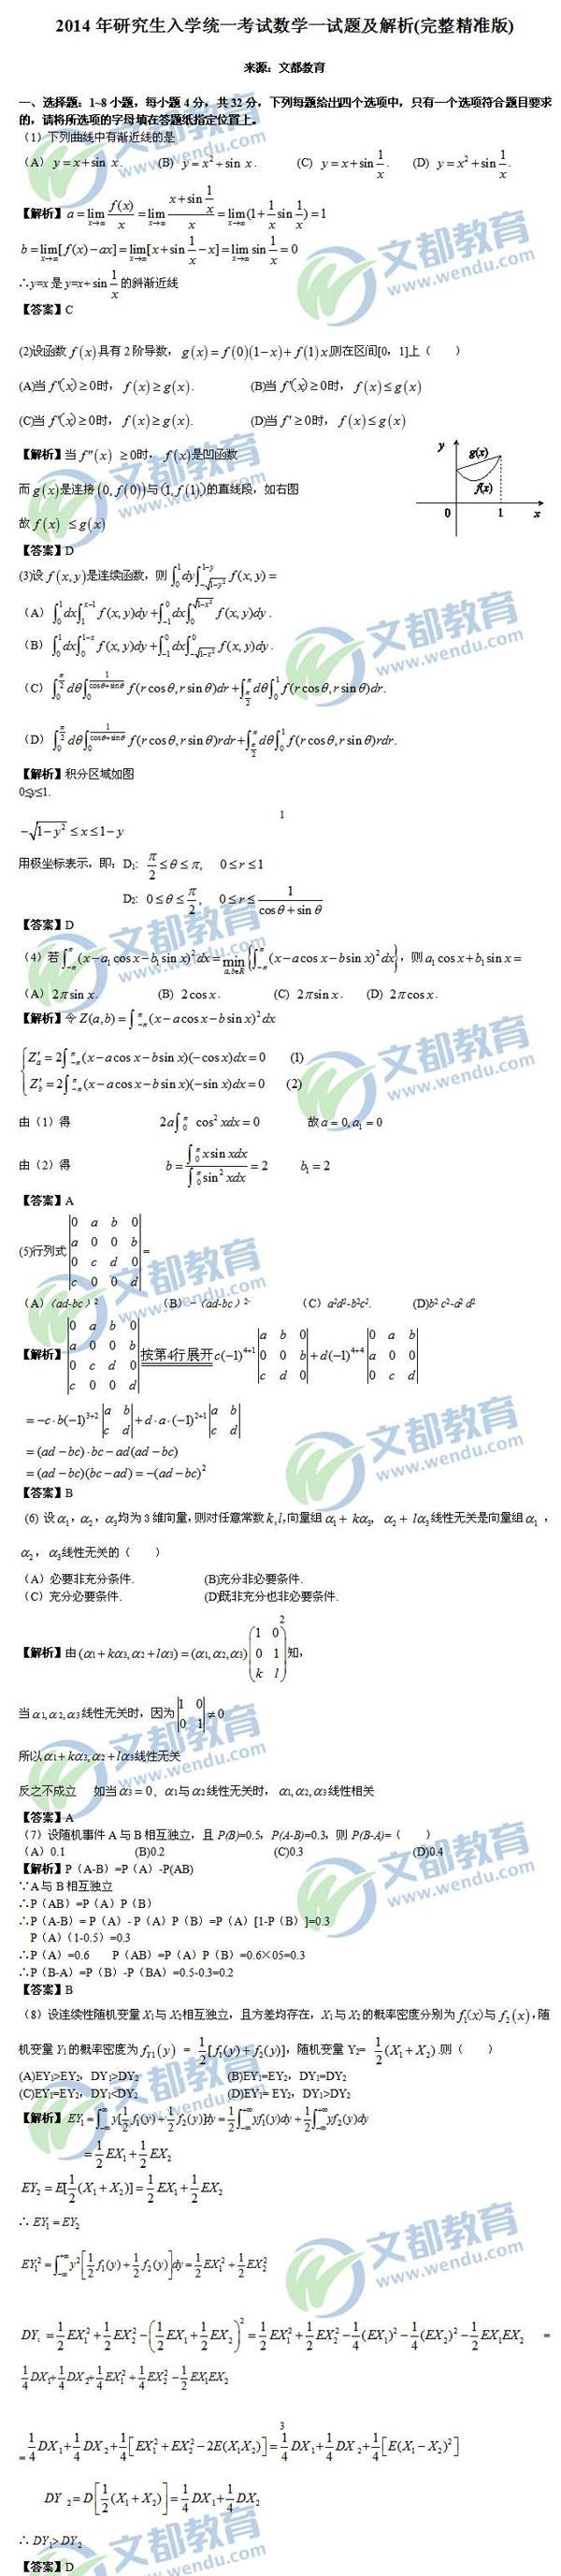 历年考研数学真题下载:2014年考研数学一真题答案